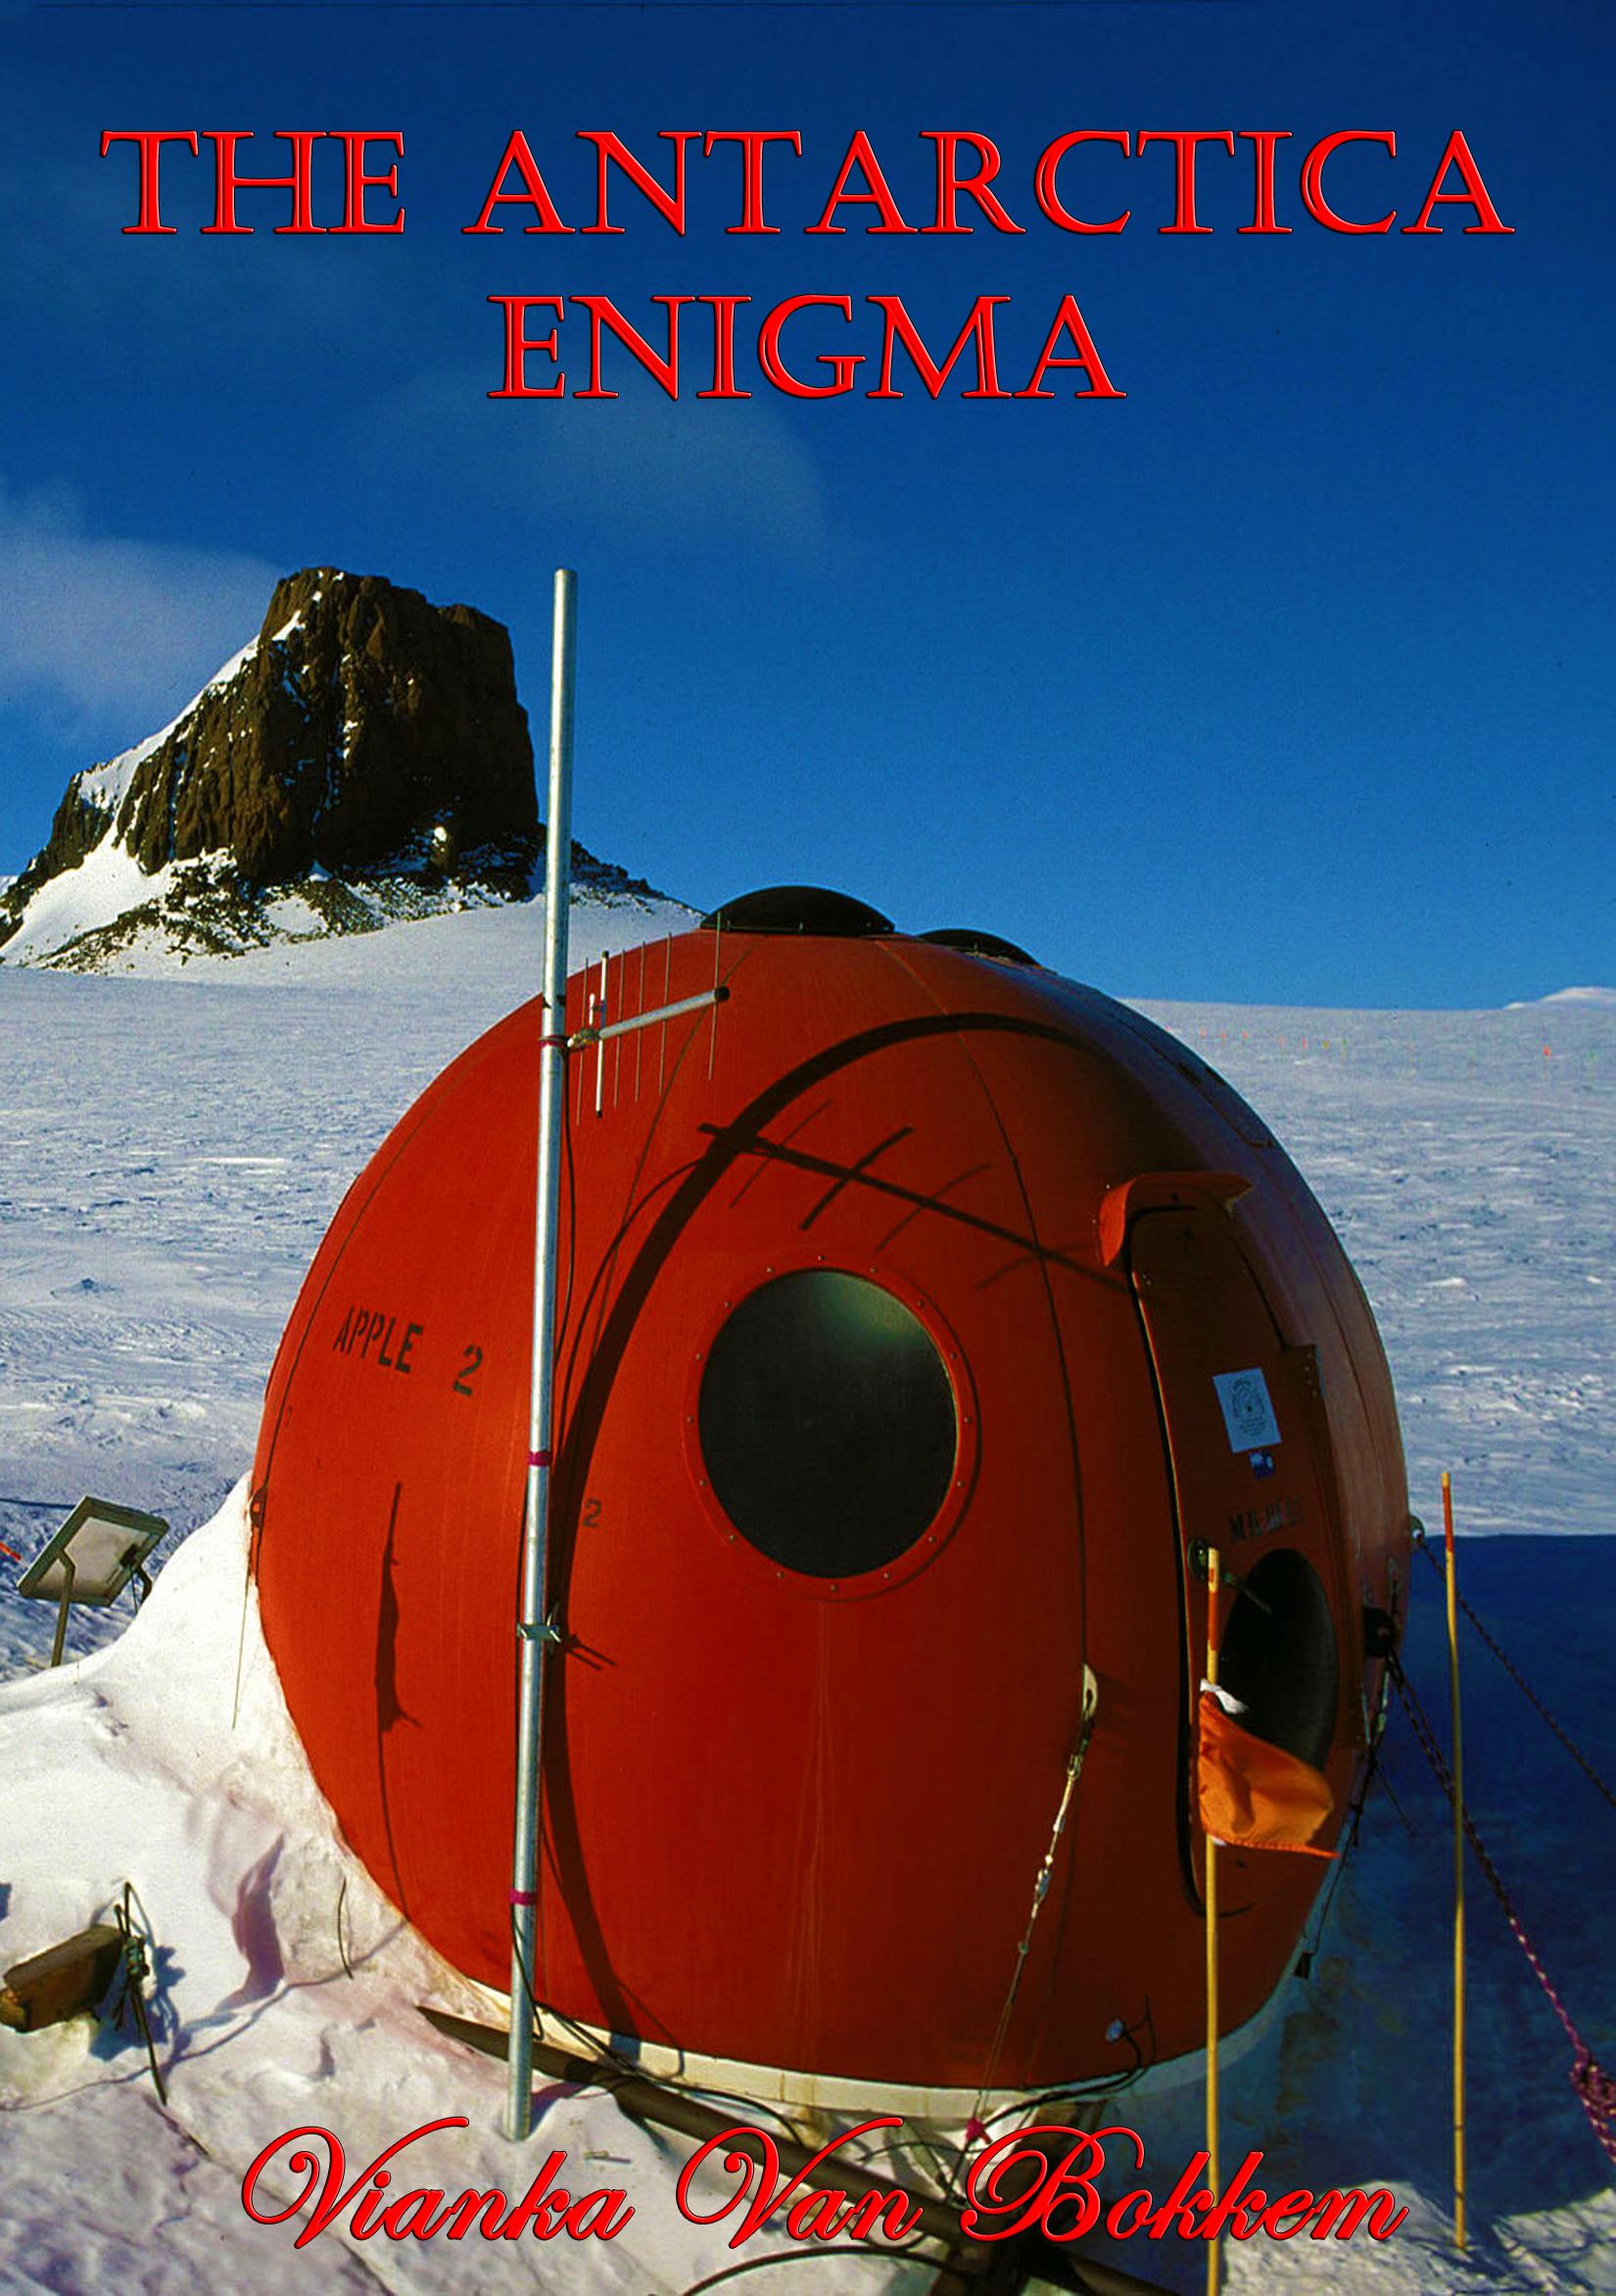 The antarctica enigma